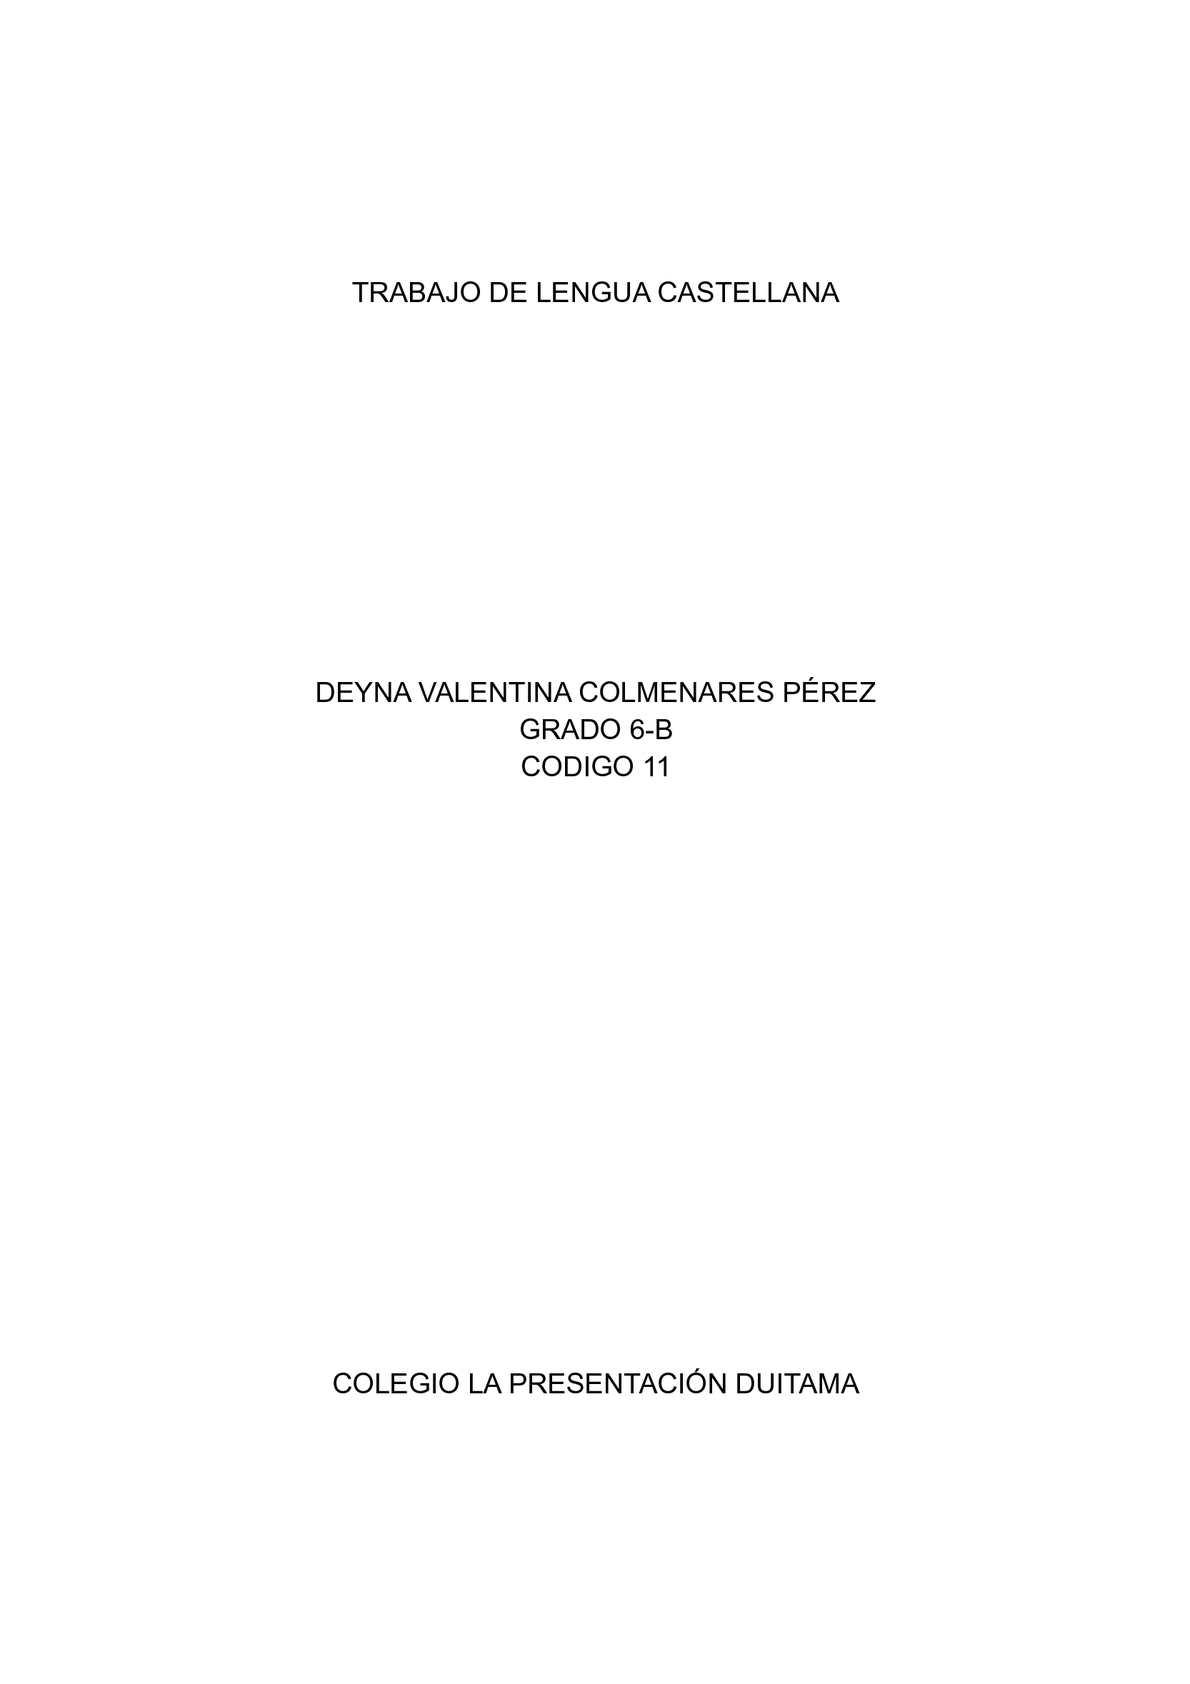 LA HOMONIMIA Y EL USO DE LA C, S Y Z